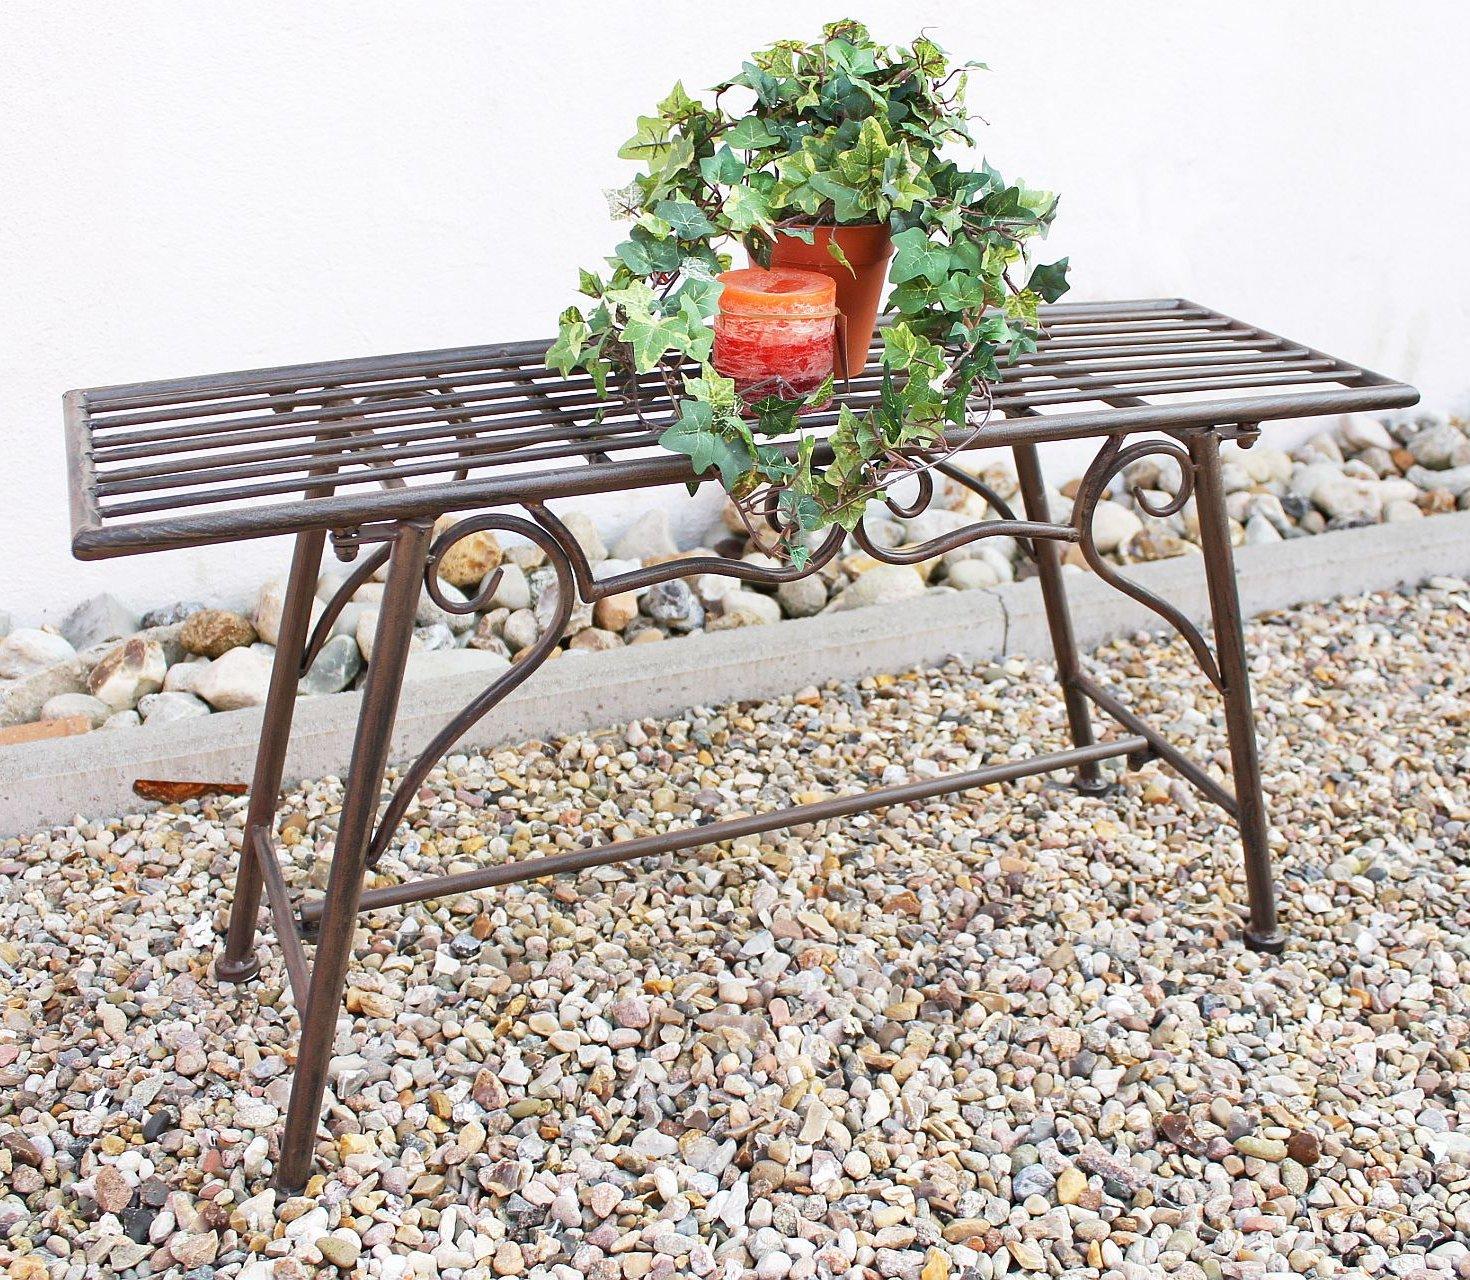 Bank Sitzbank CUCCIU-S B-83cm 077824 Gartenbank aus Metall Gartenmöbel günstig bestellen